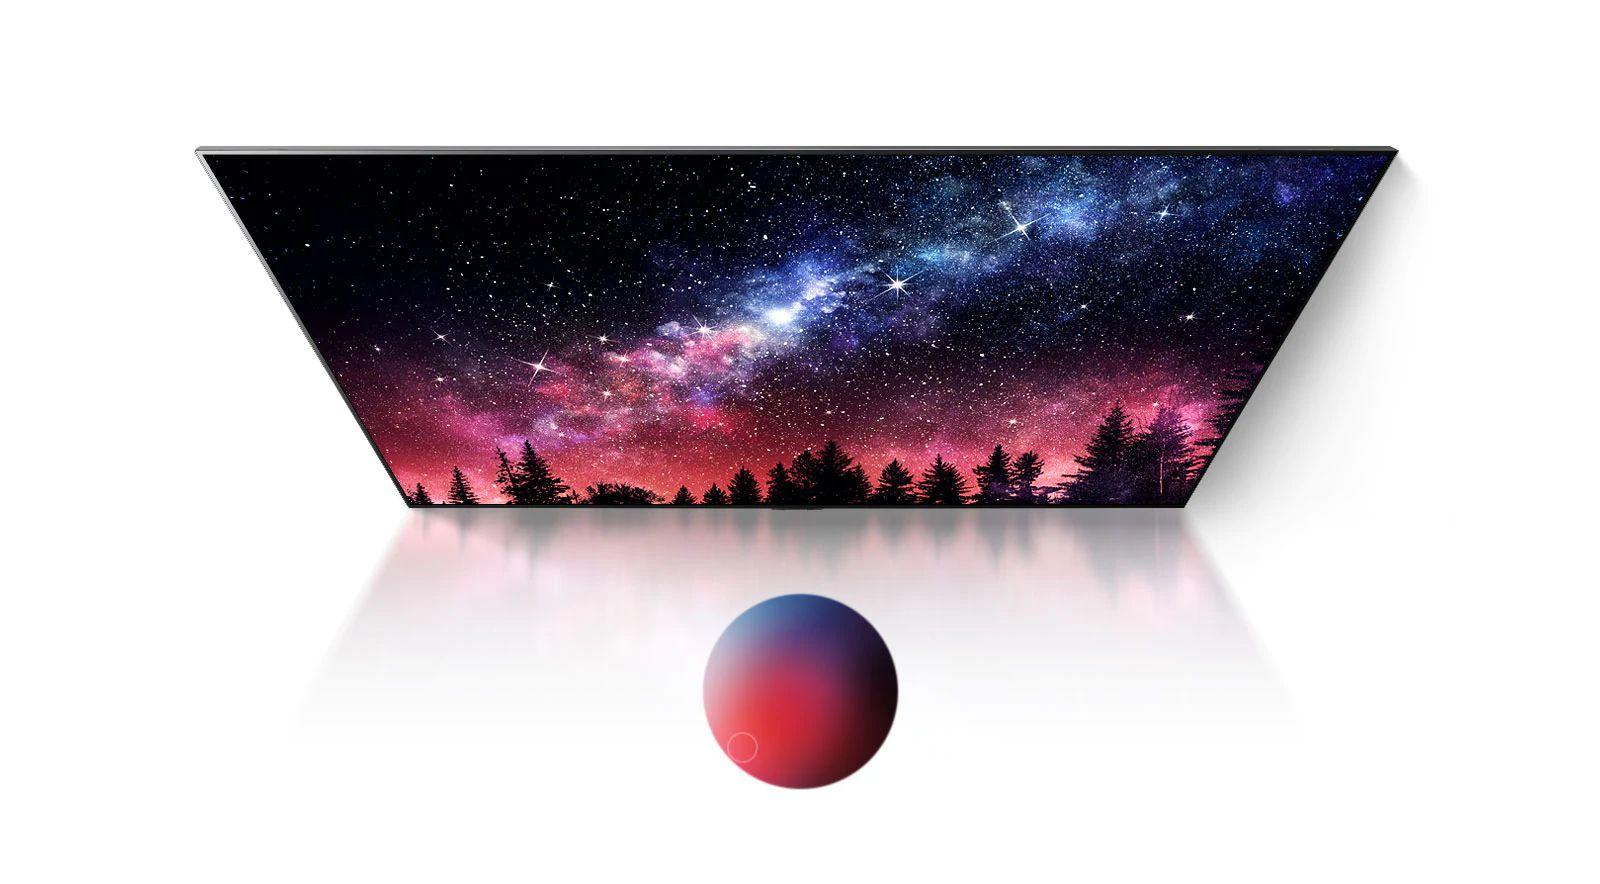 Ekran telewizora przedstawiający drogę mleczną, niebieskie niebo i eksplozję kolorowego pyłu w doskonałej jakości (odtwórz film)